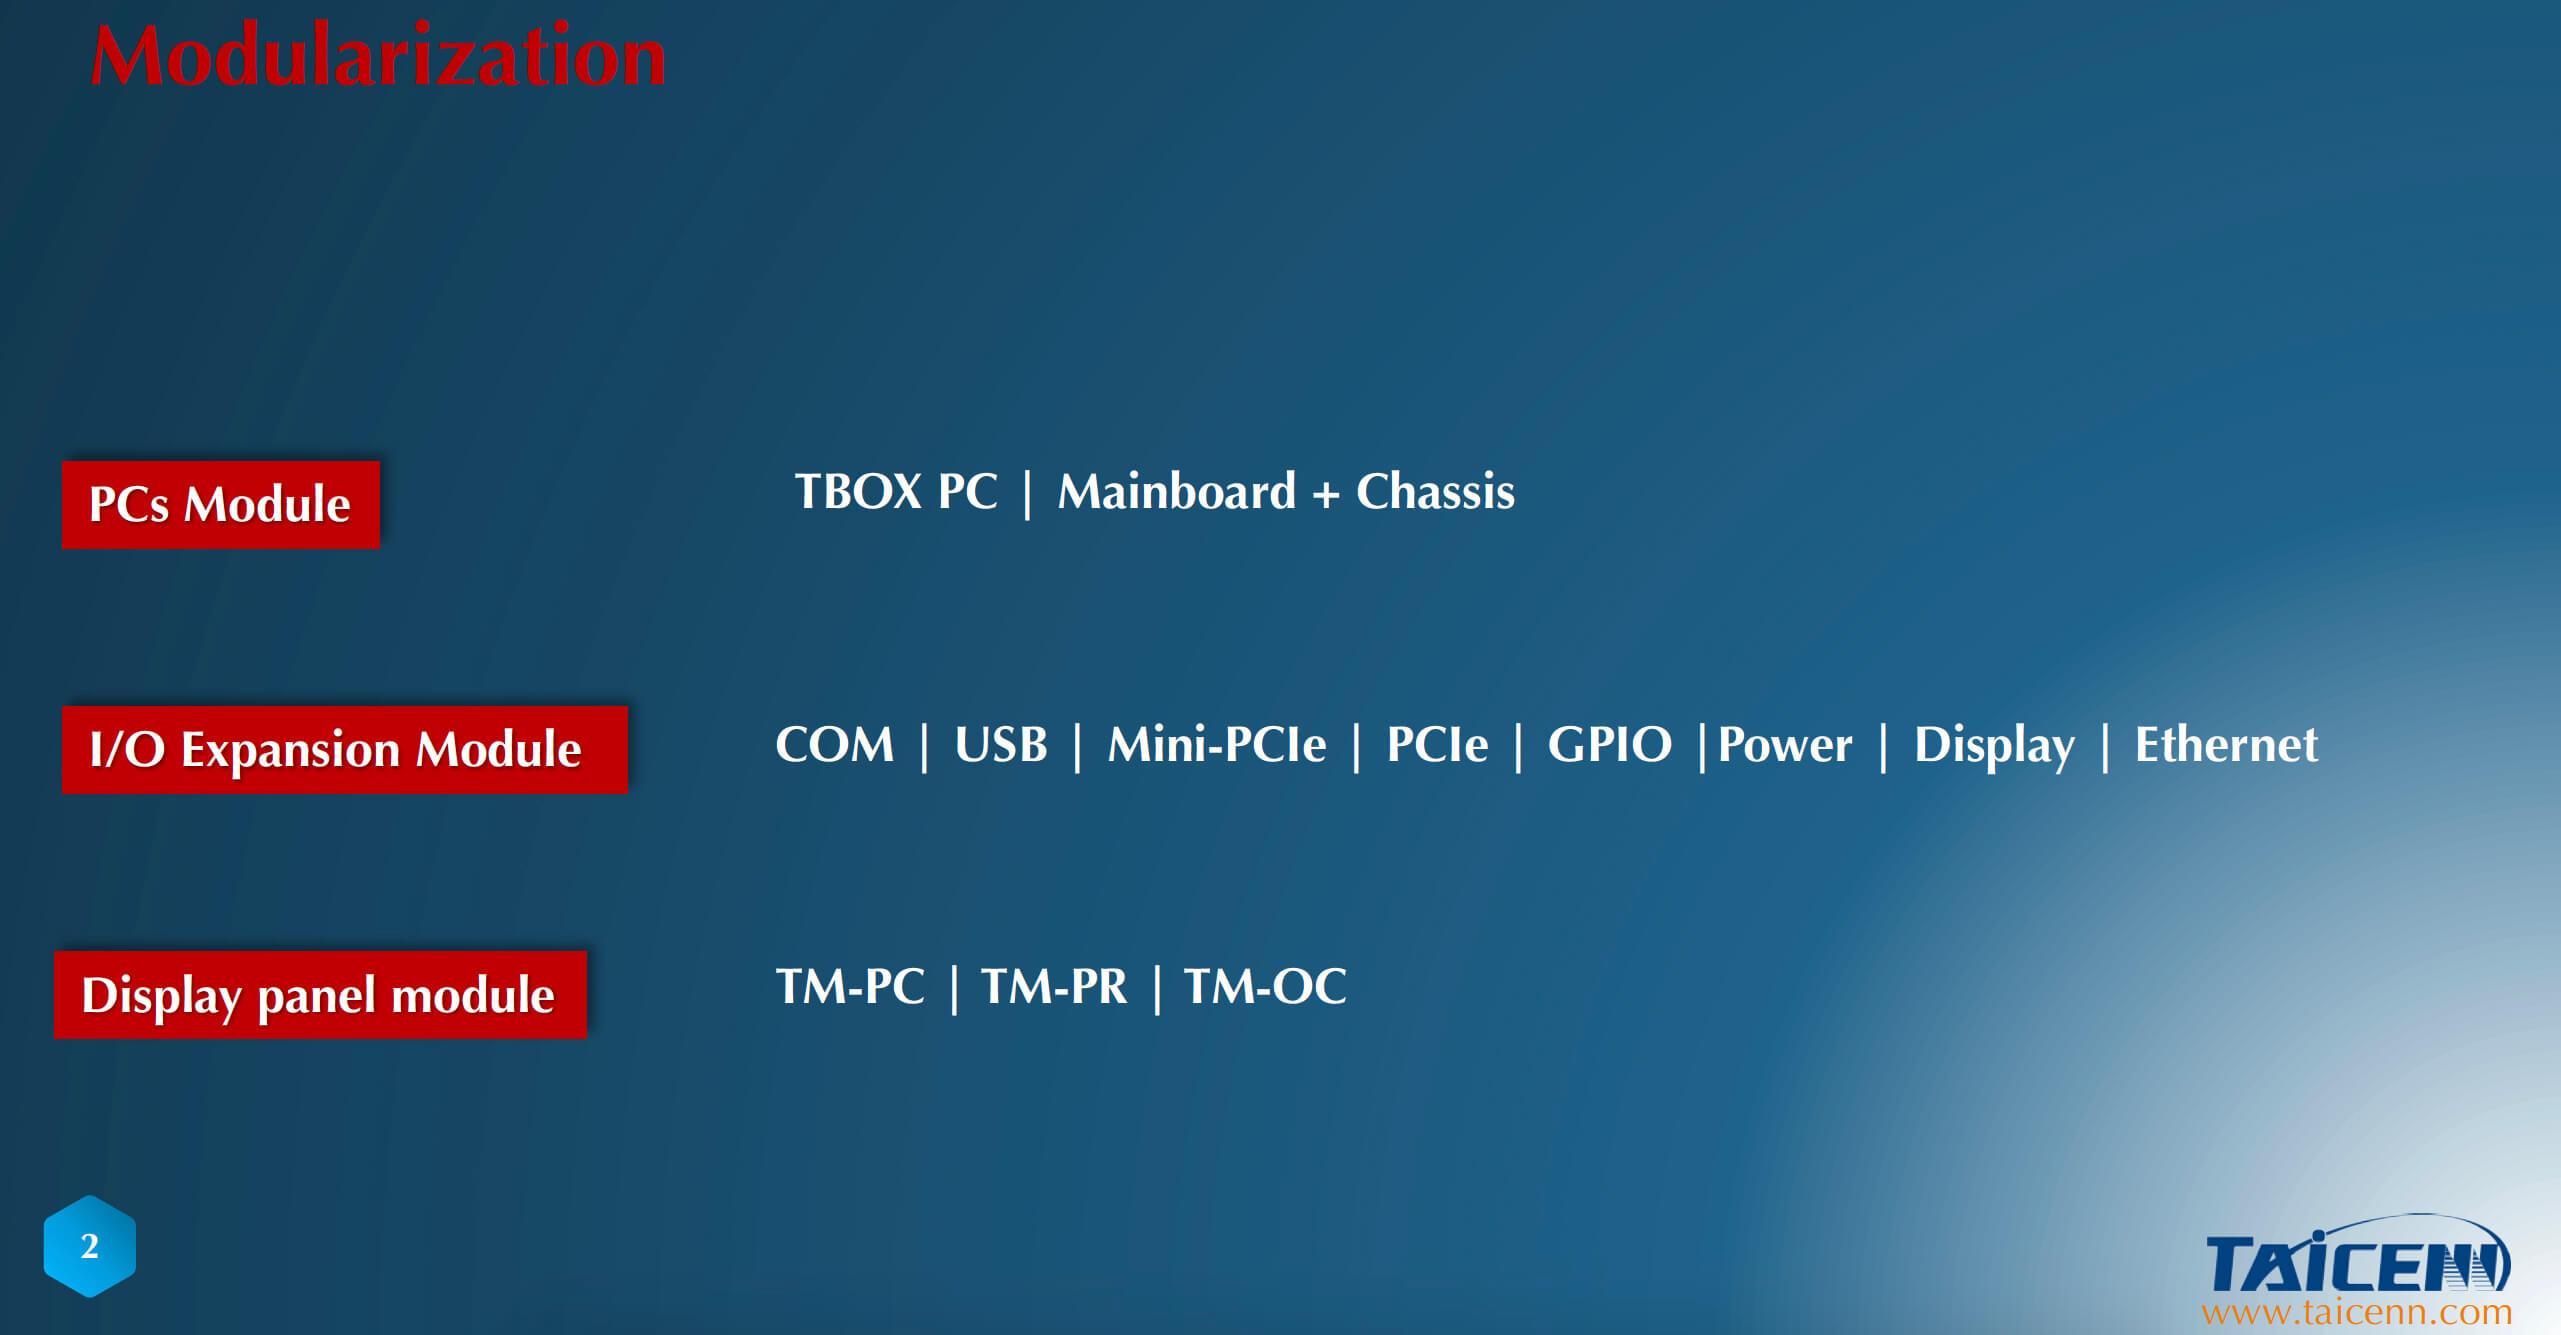 Vier Merkmale des TAICENN-Modularkonzepts 4.0